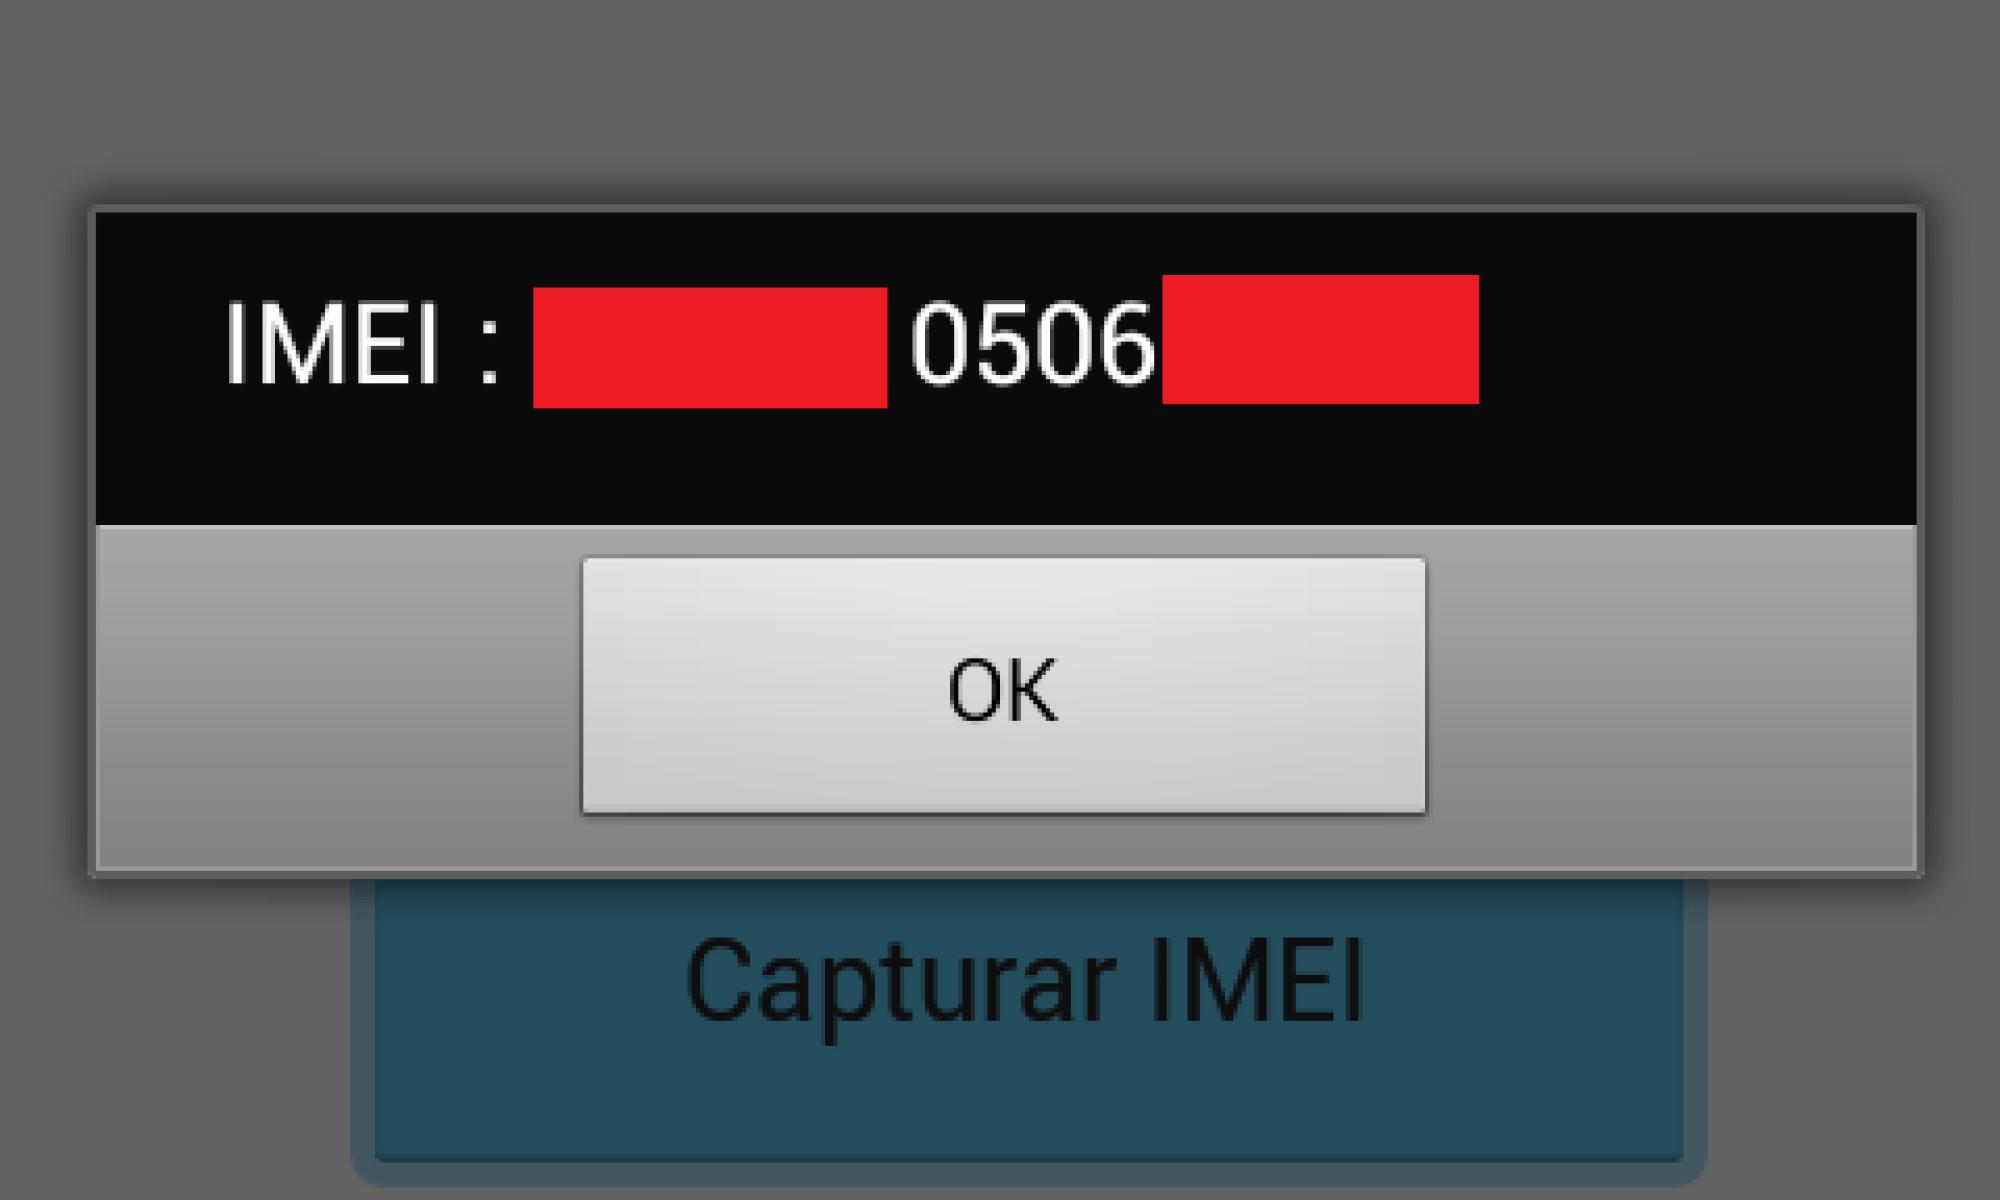 Capturando IMEI do dispositivo Android com Delphi XE5